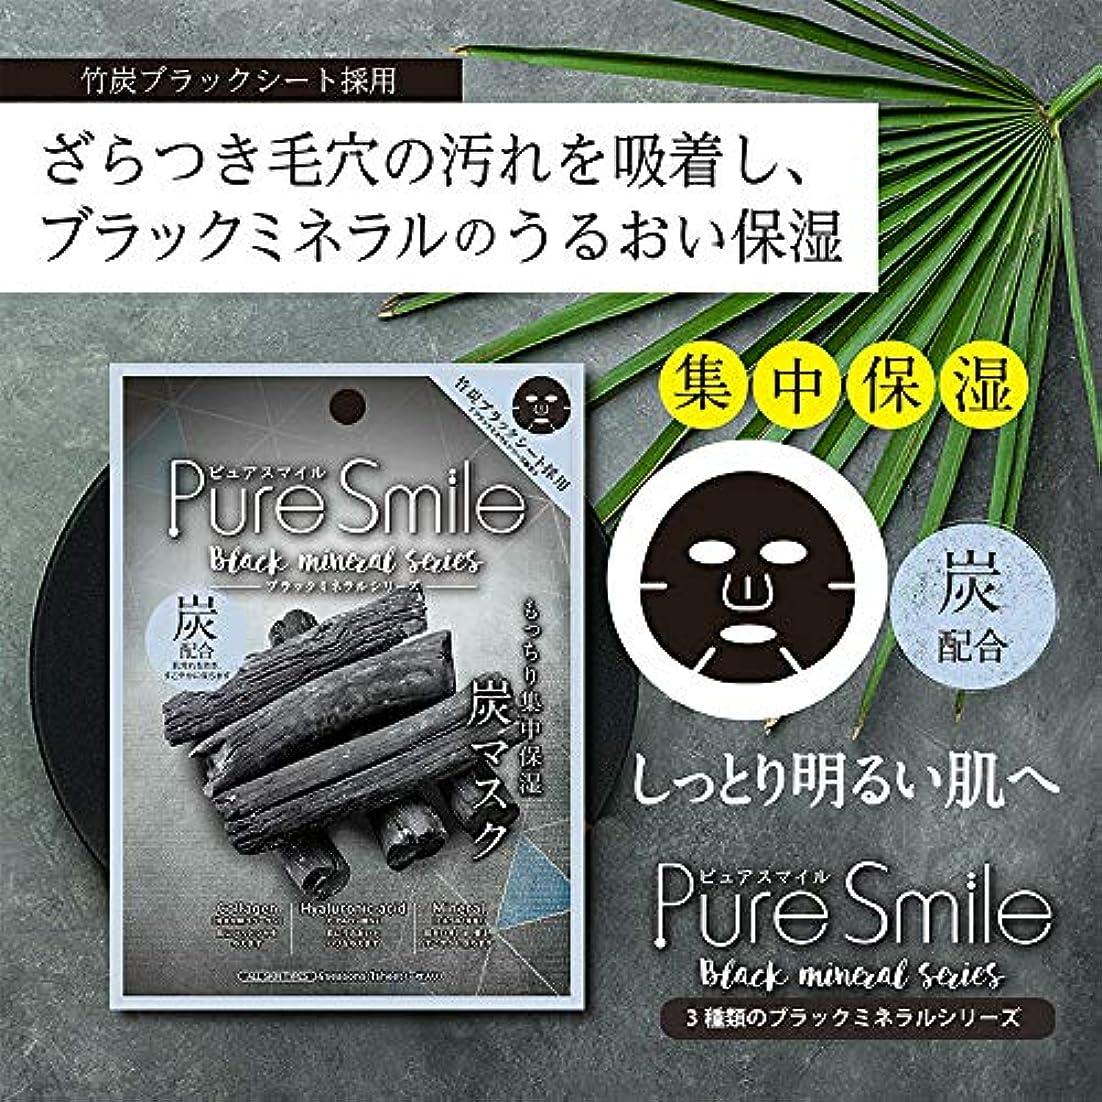 徴収マウントバンクに沿ってPure Smile(ピュアスマイル) エッセンスマスク 『ブラックミネラルシリーズ』(炭) フェイスマスク パック